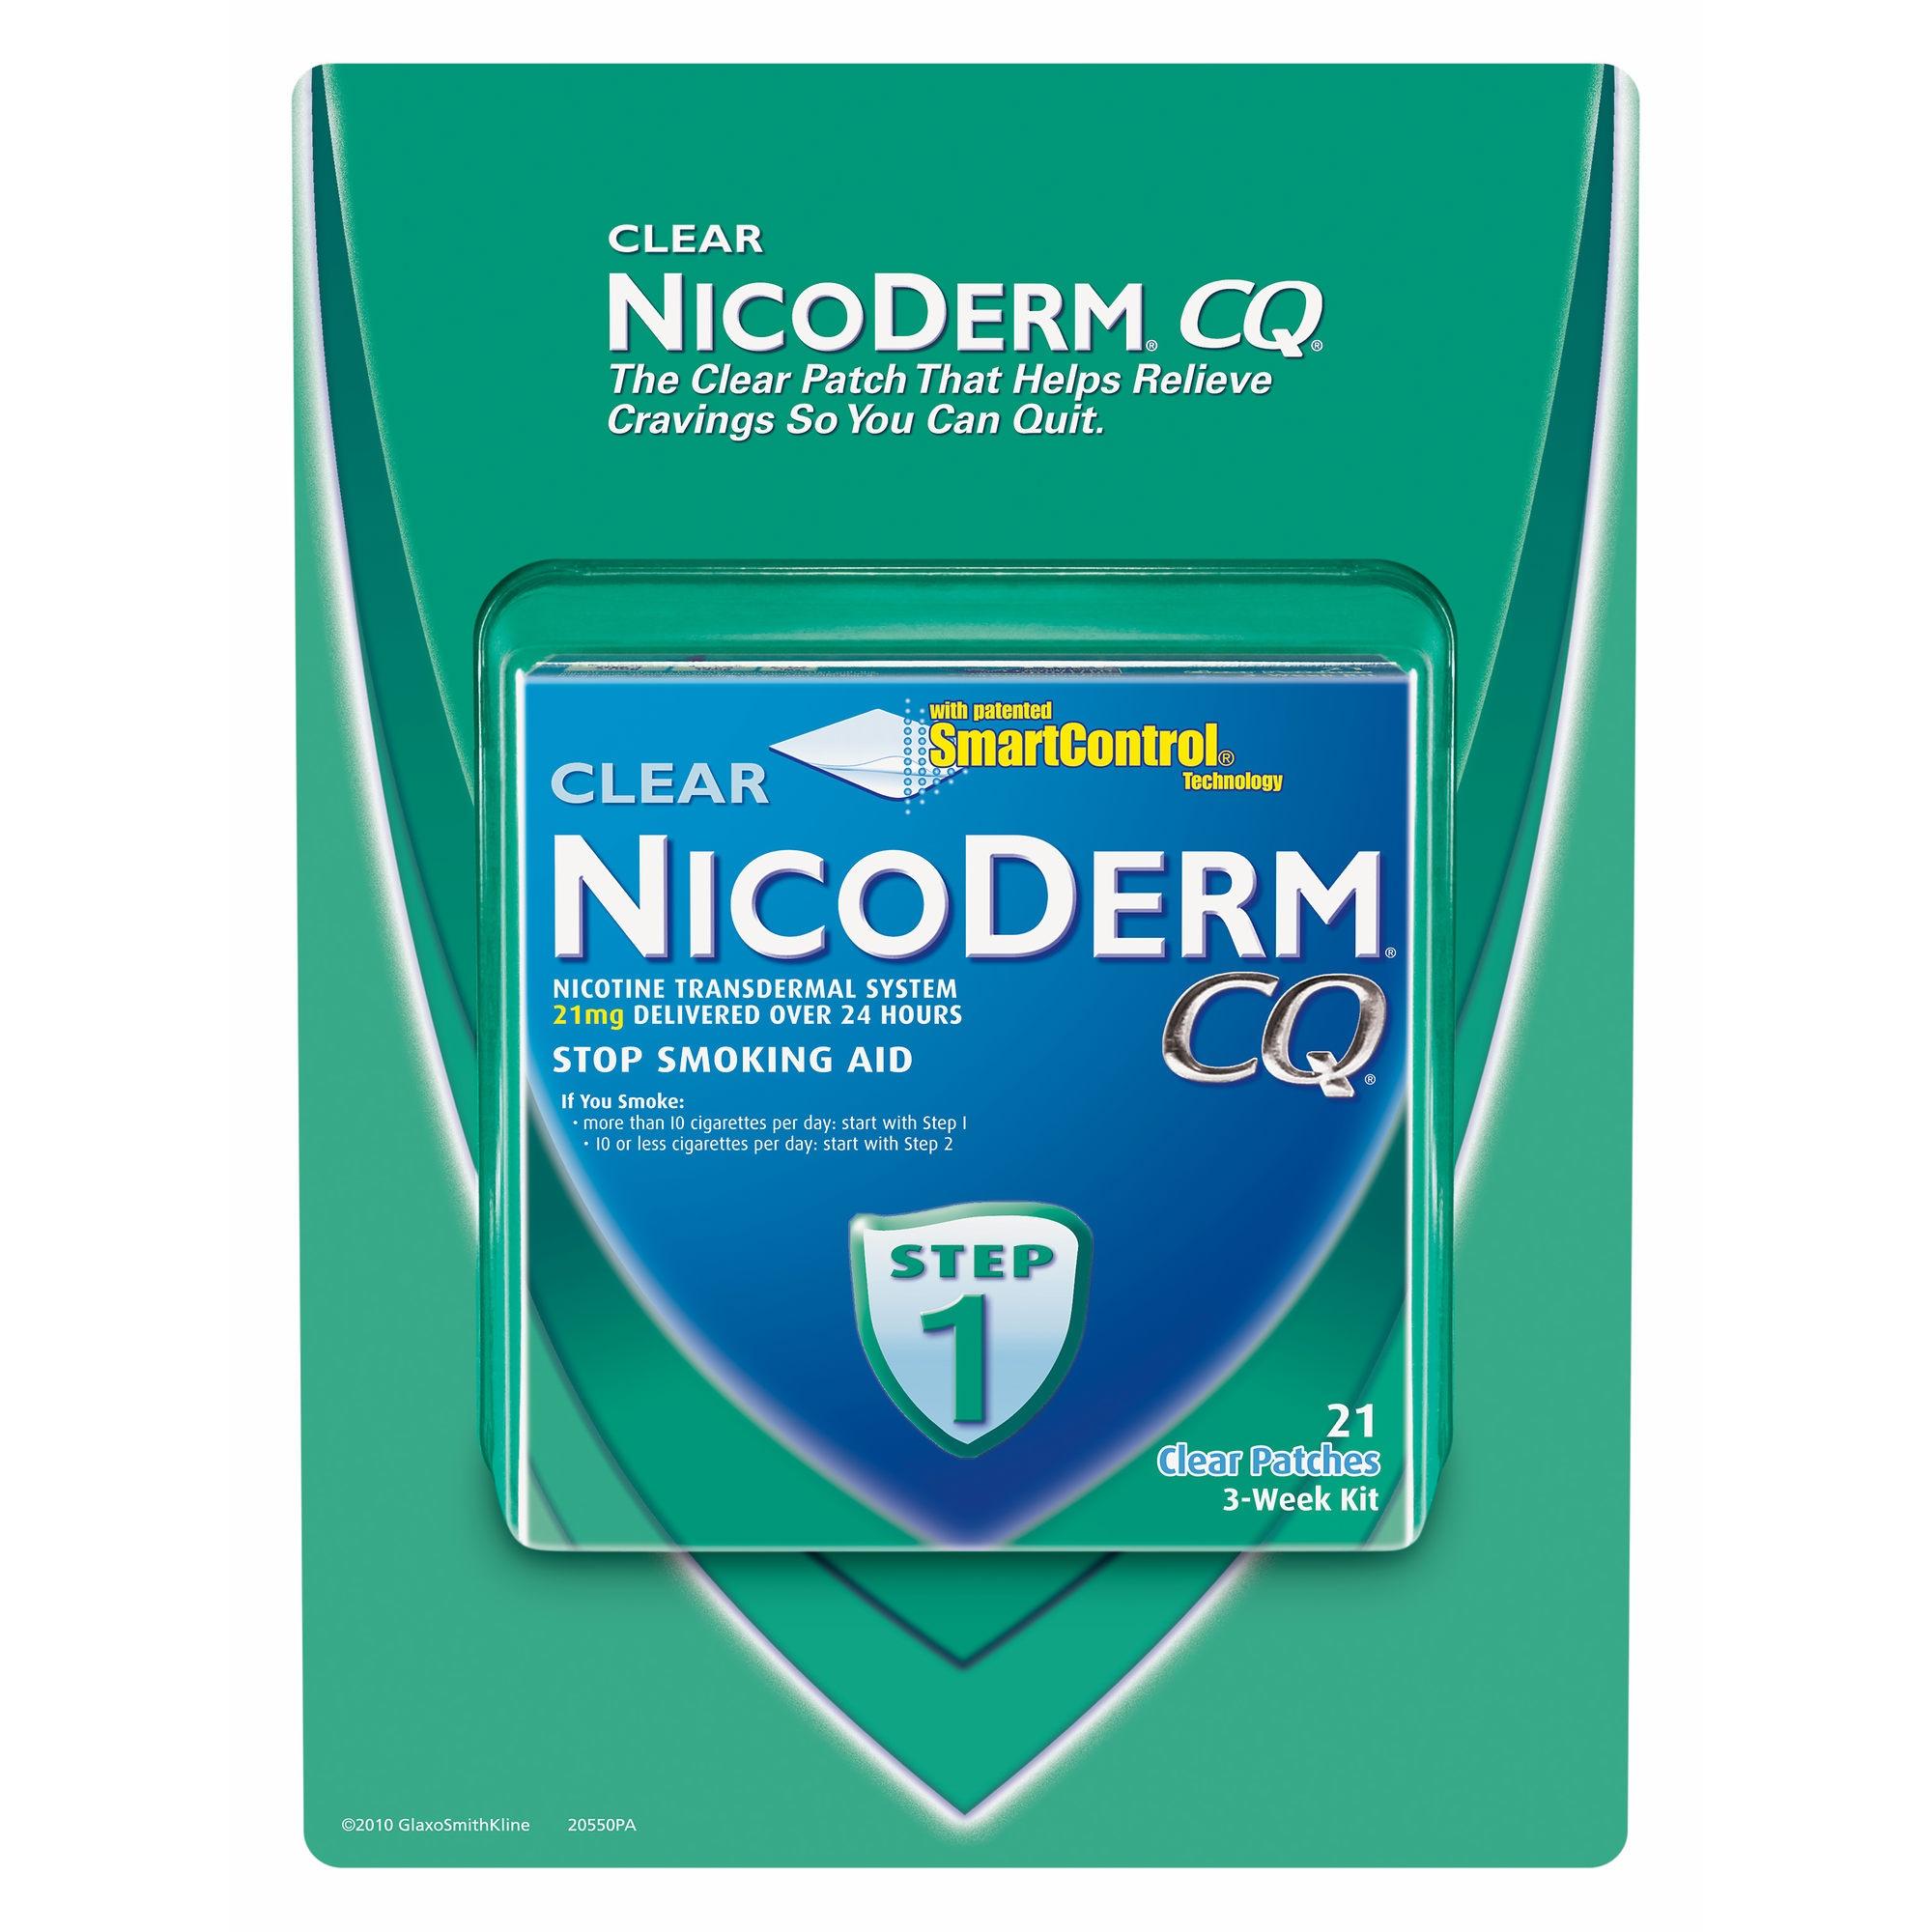 Nicoderm Coupons (Nicorette) - Printable Coupons 2018 - Free Printable Nicotine Patch Coupons